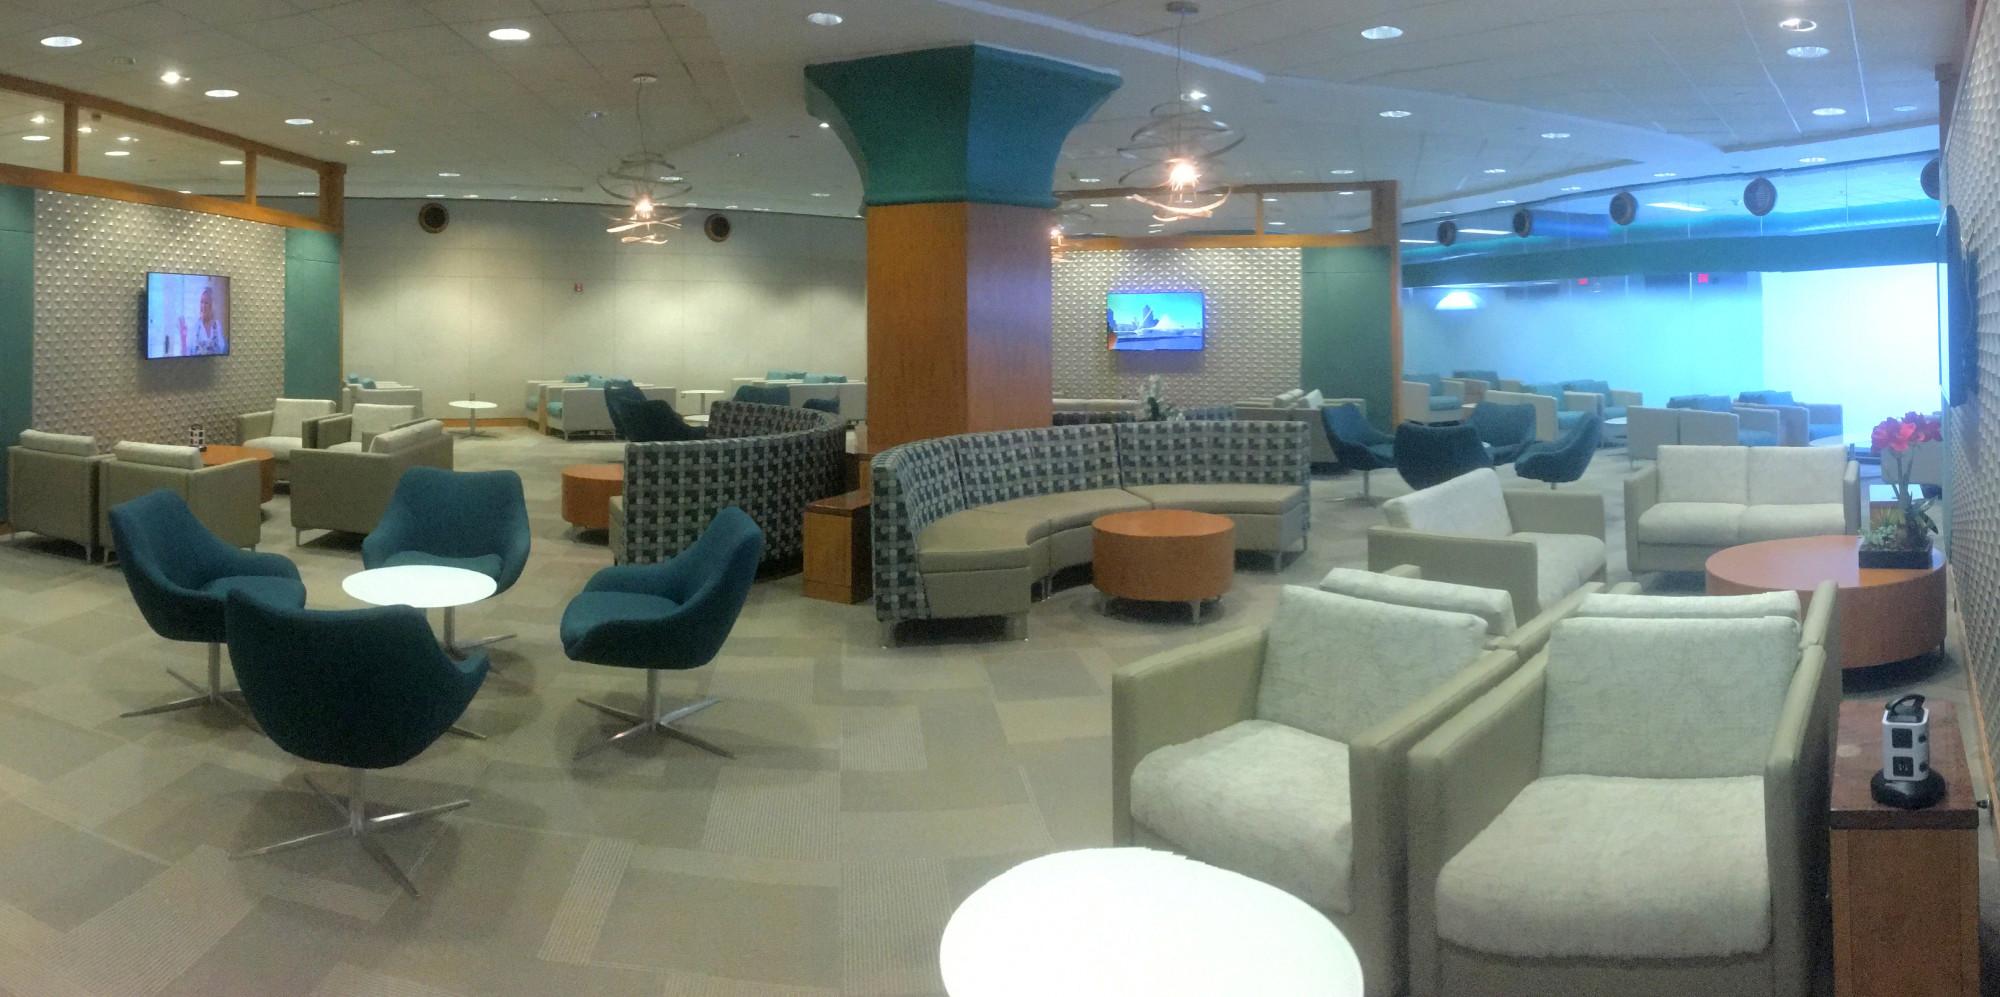 lounges am mia internationaler flughafen miami (vereinigte